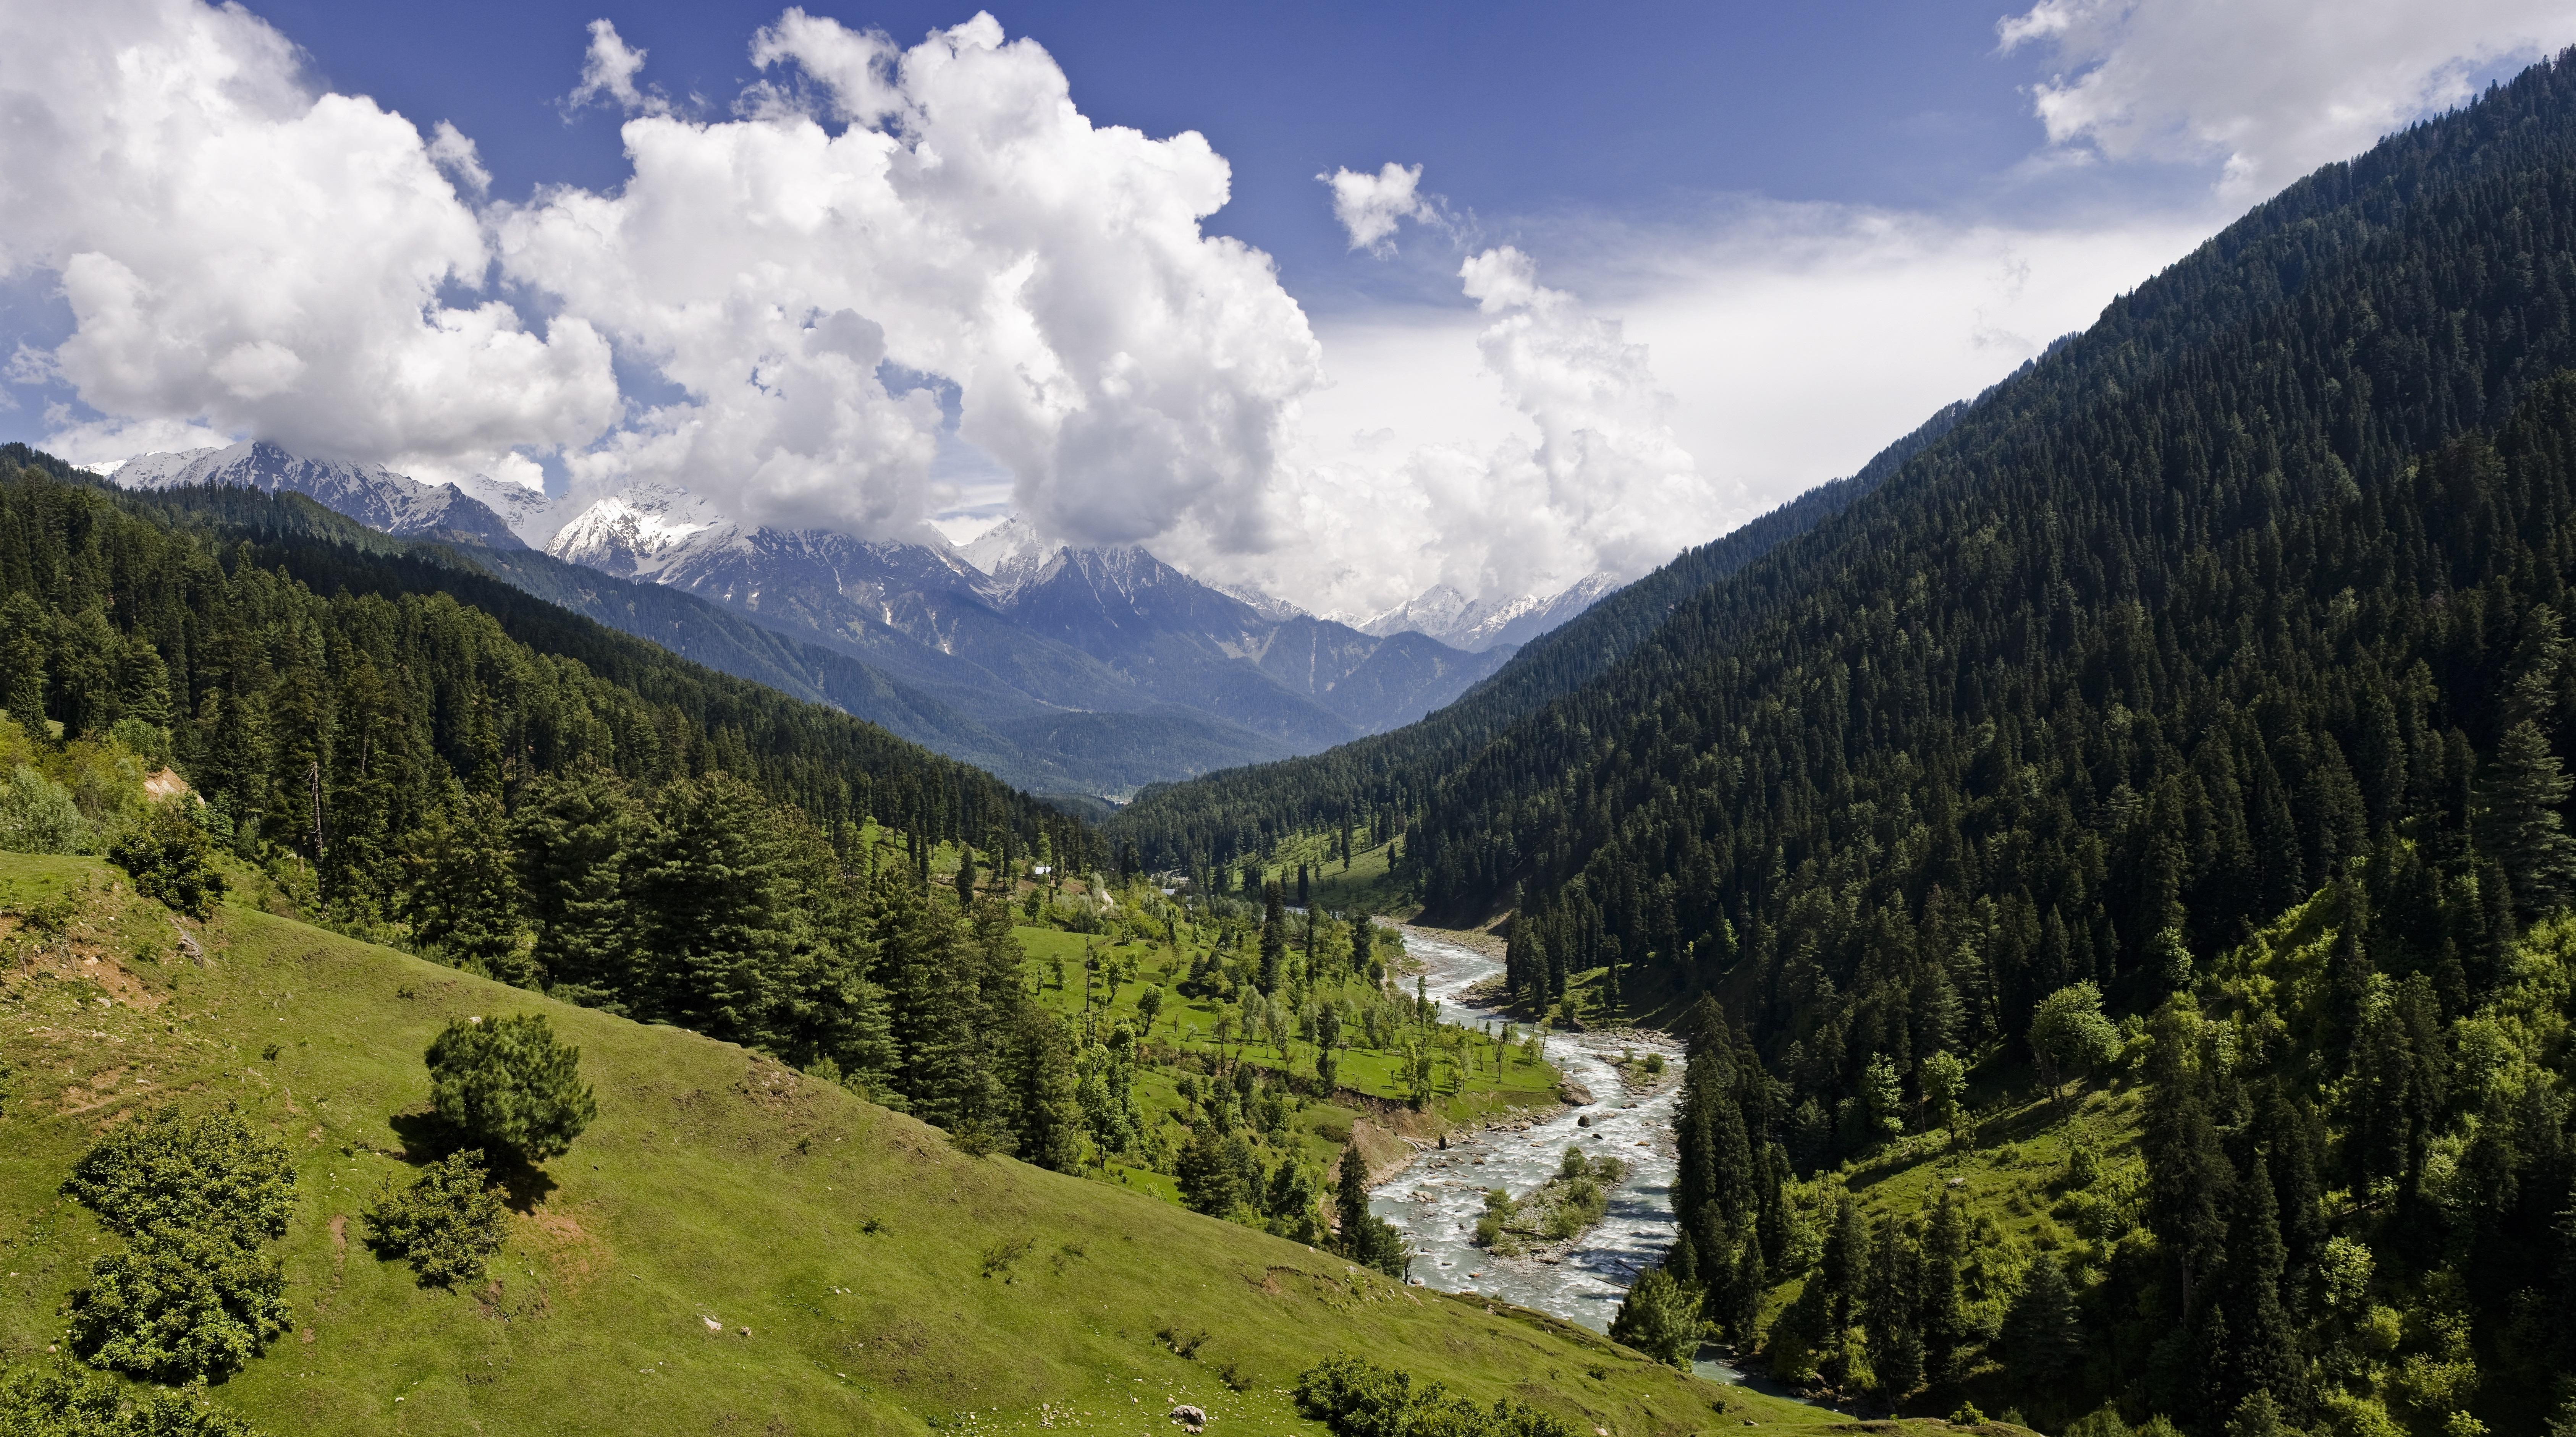 Go to Џаму и Кашмир између Индије и Пакистана